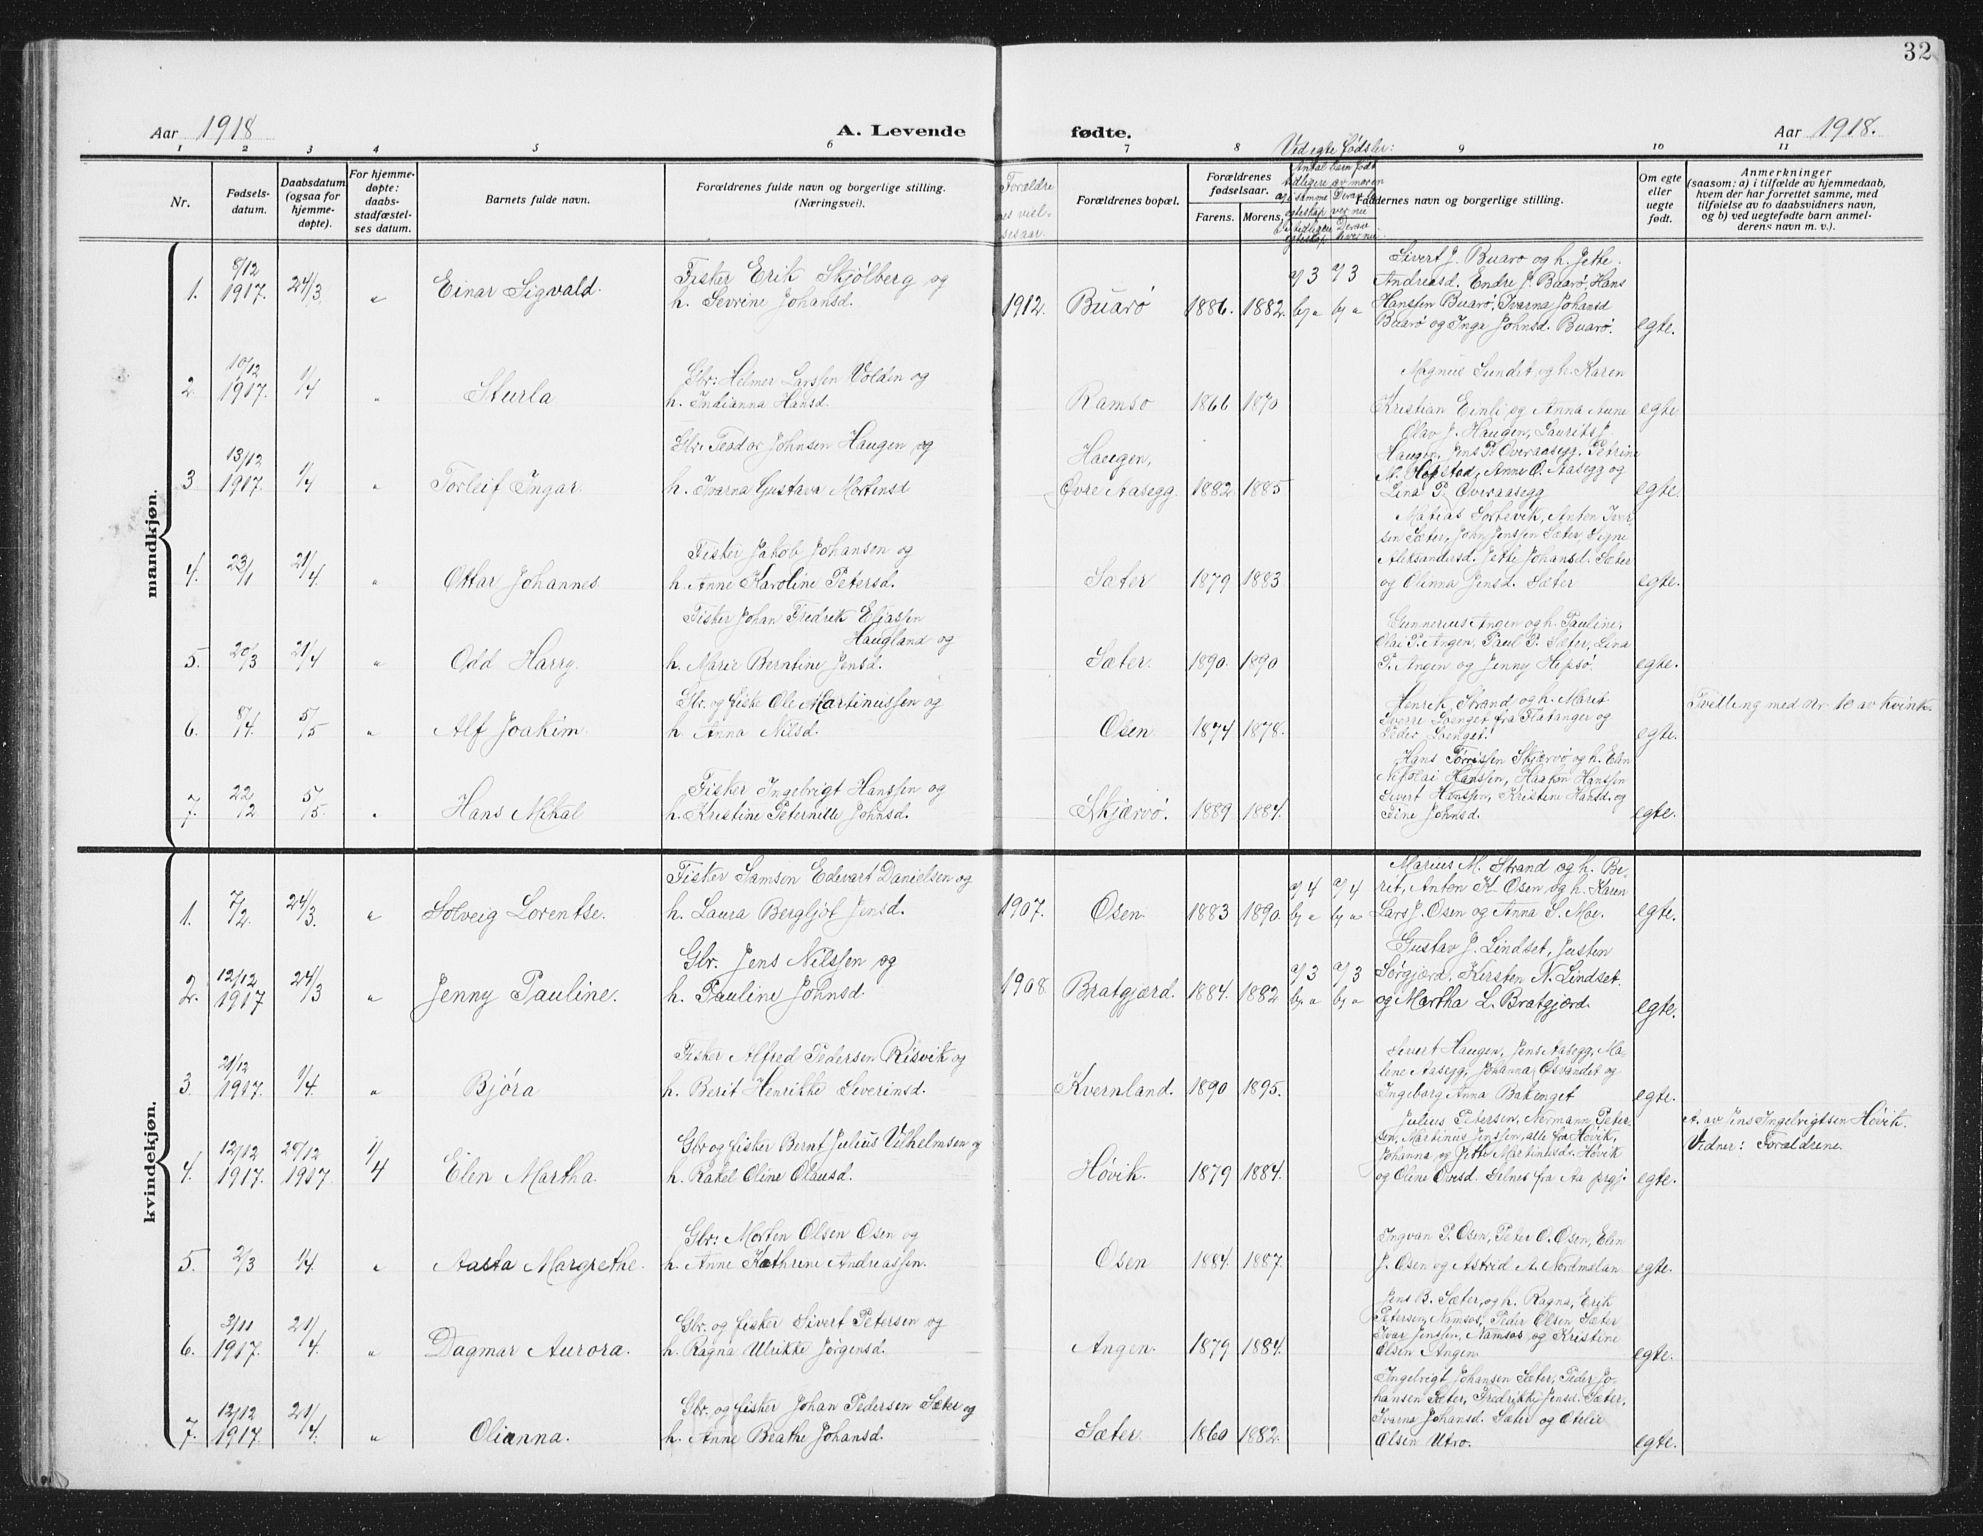 SAT, Ministerialprotokoller, klokkerbøker og fødselsregistre - Sør-Trøndelag, 658/L0727: Klokkerbok nr. 658C03, 1909-1935, s. 32